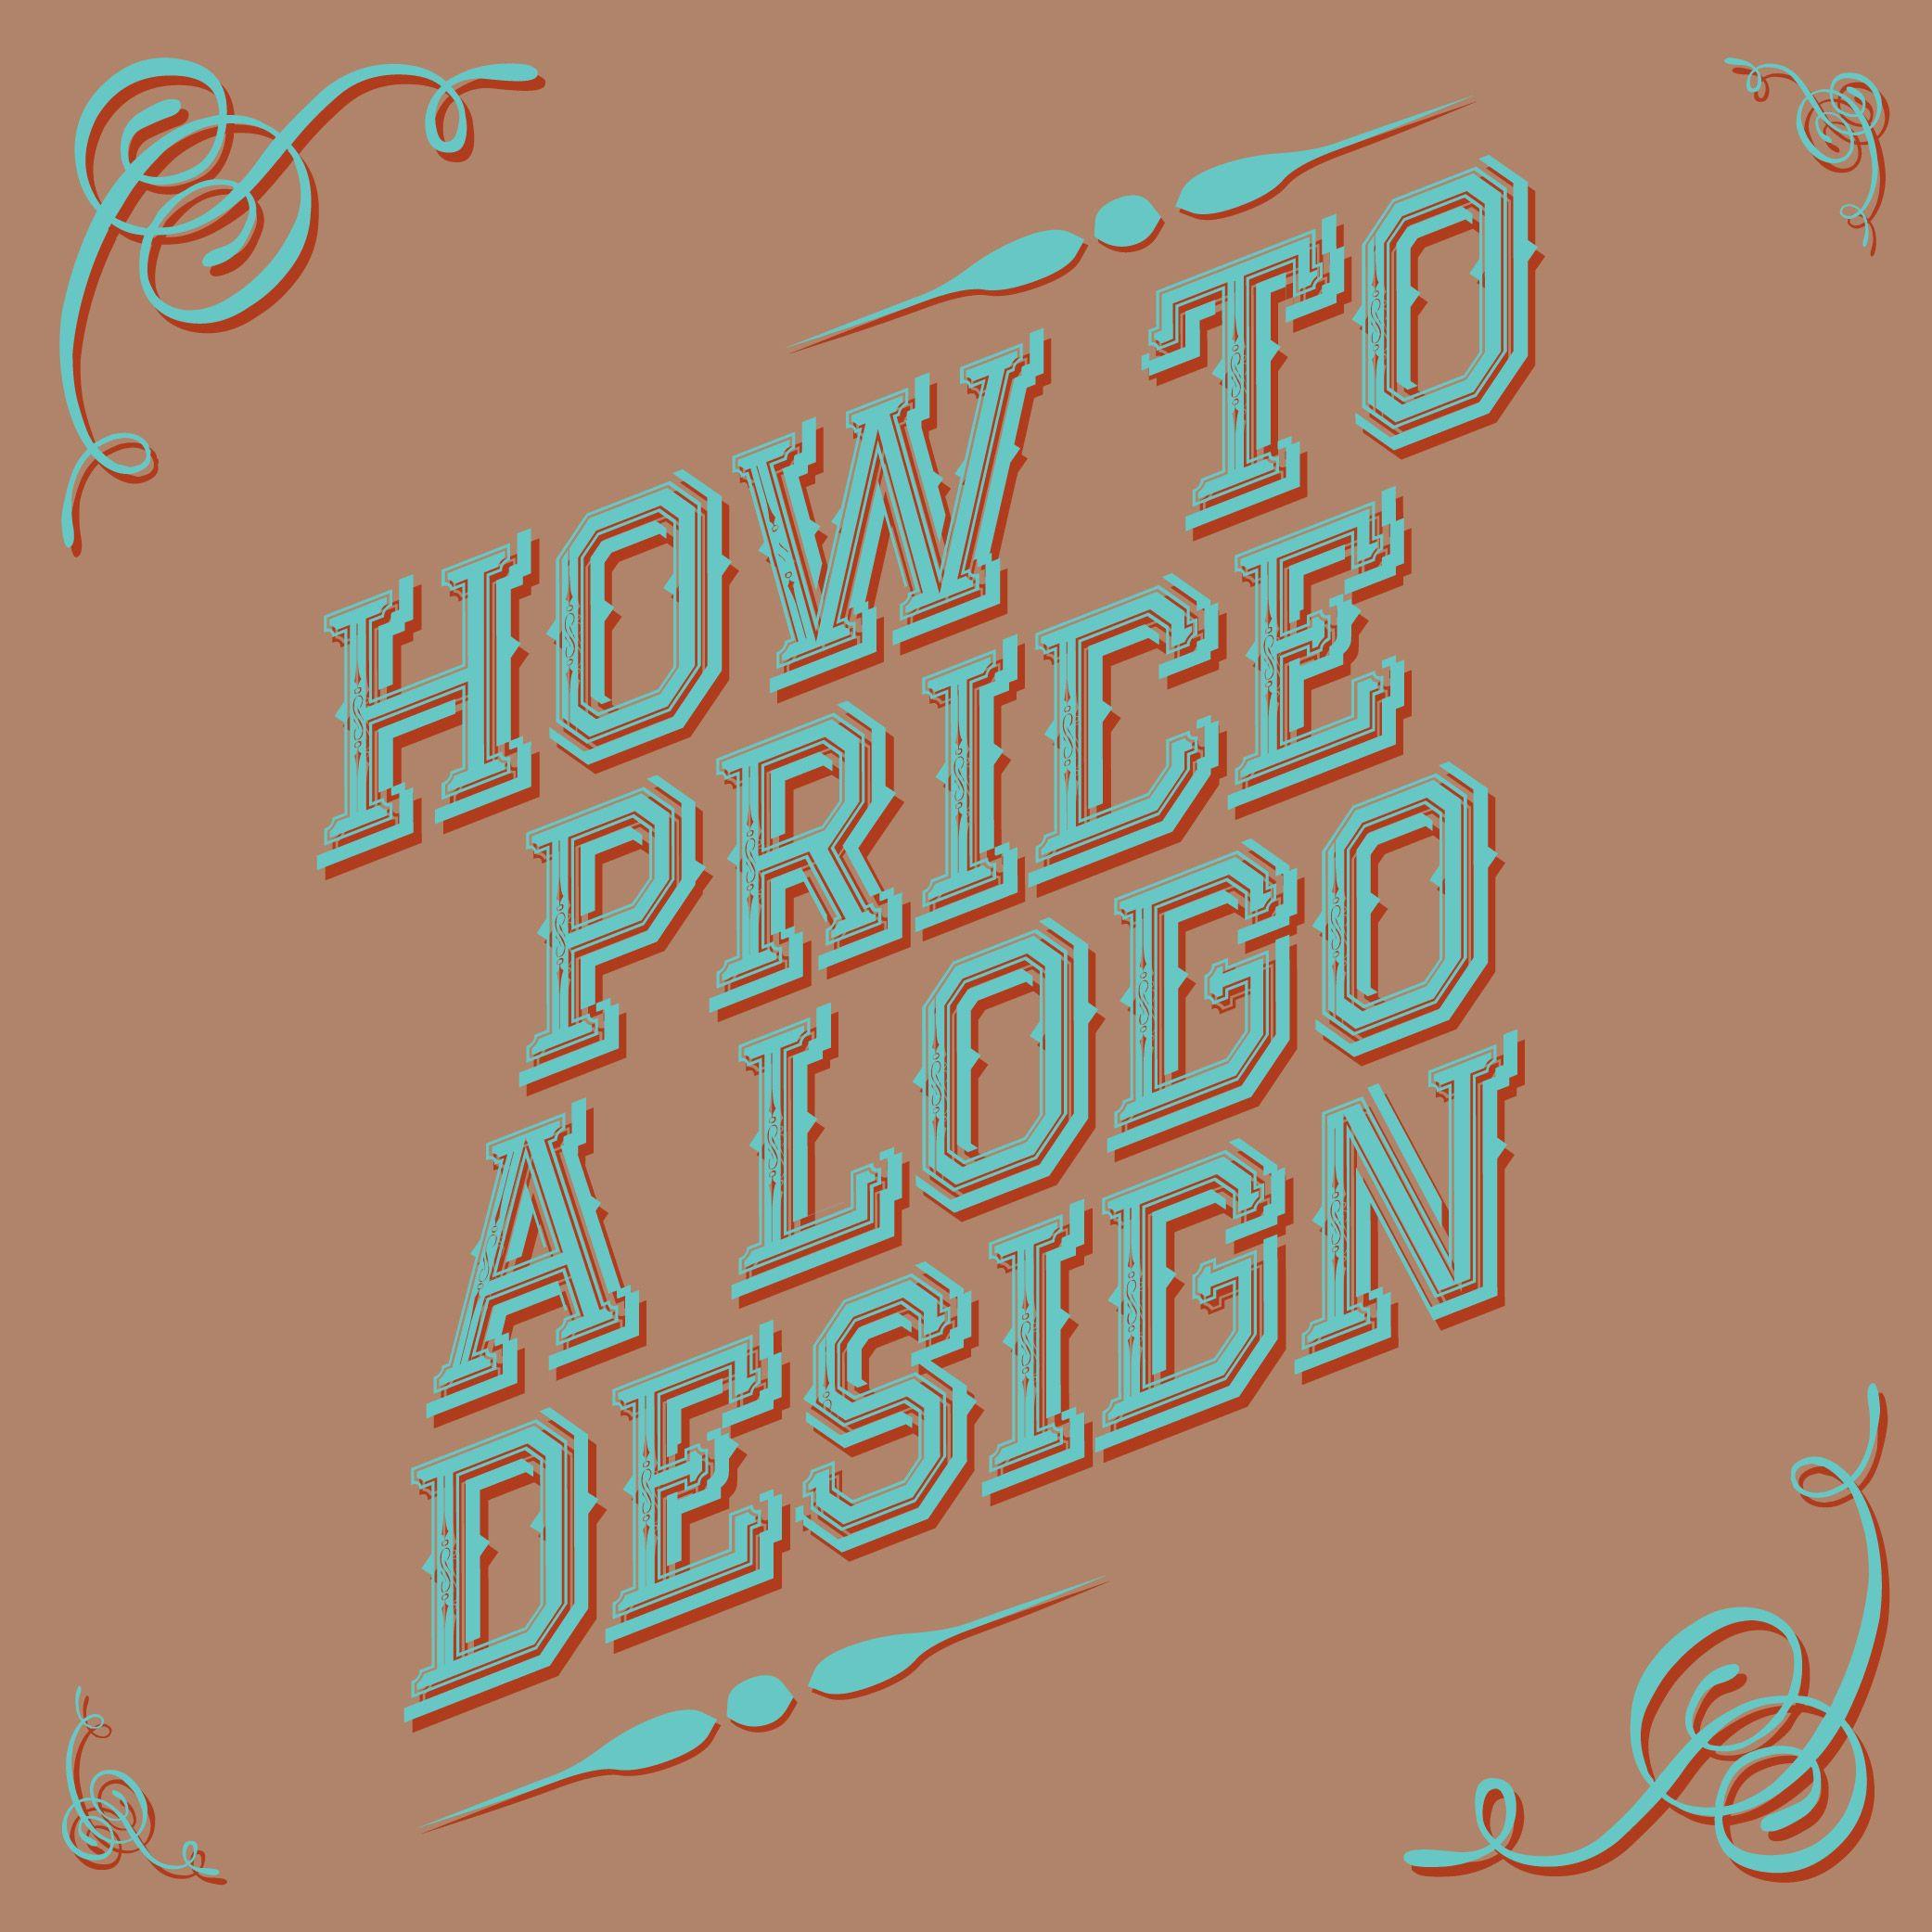 les 25 meilleures id u00e9es de la cat u00e9gorie logo design studio